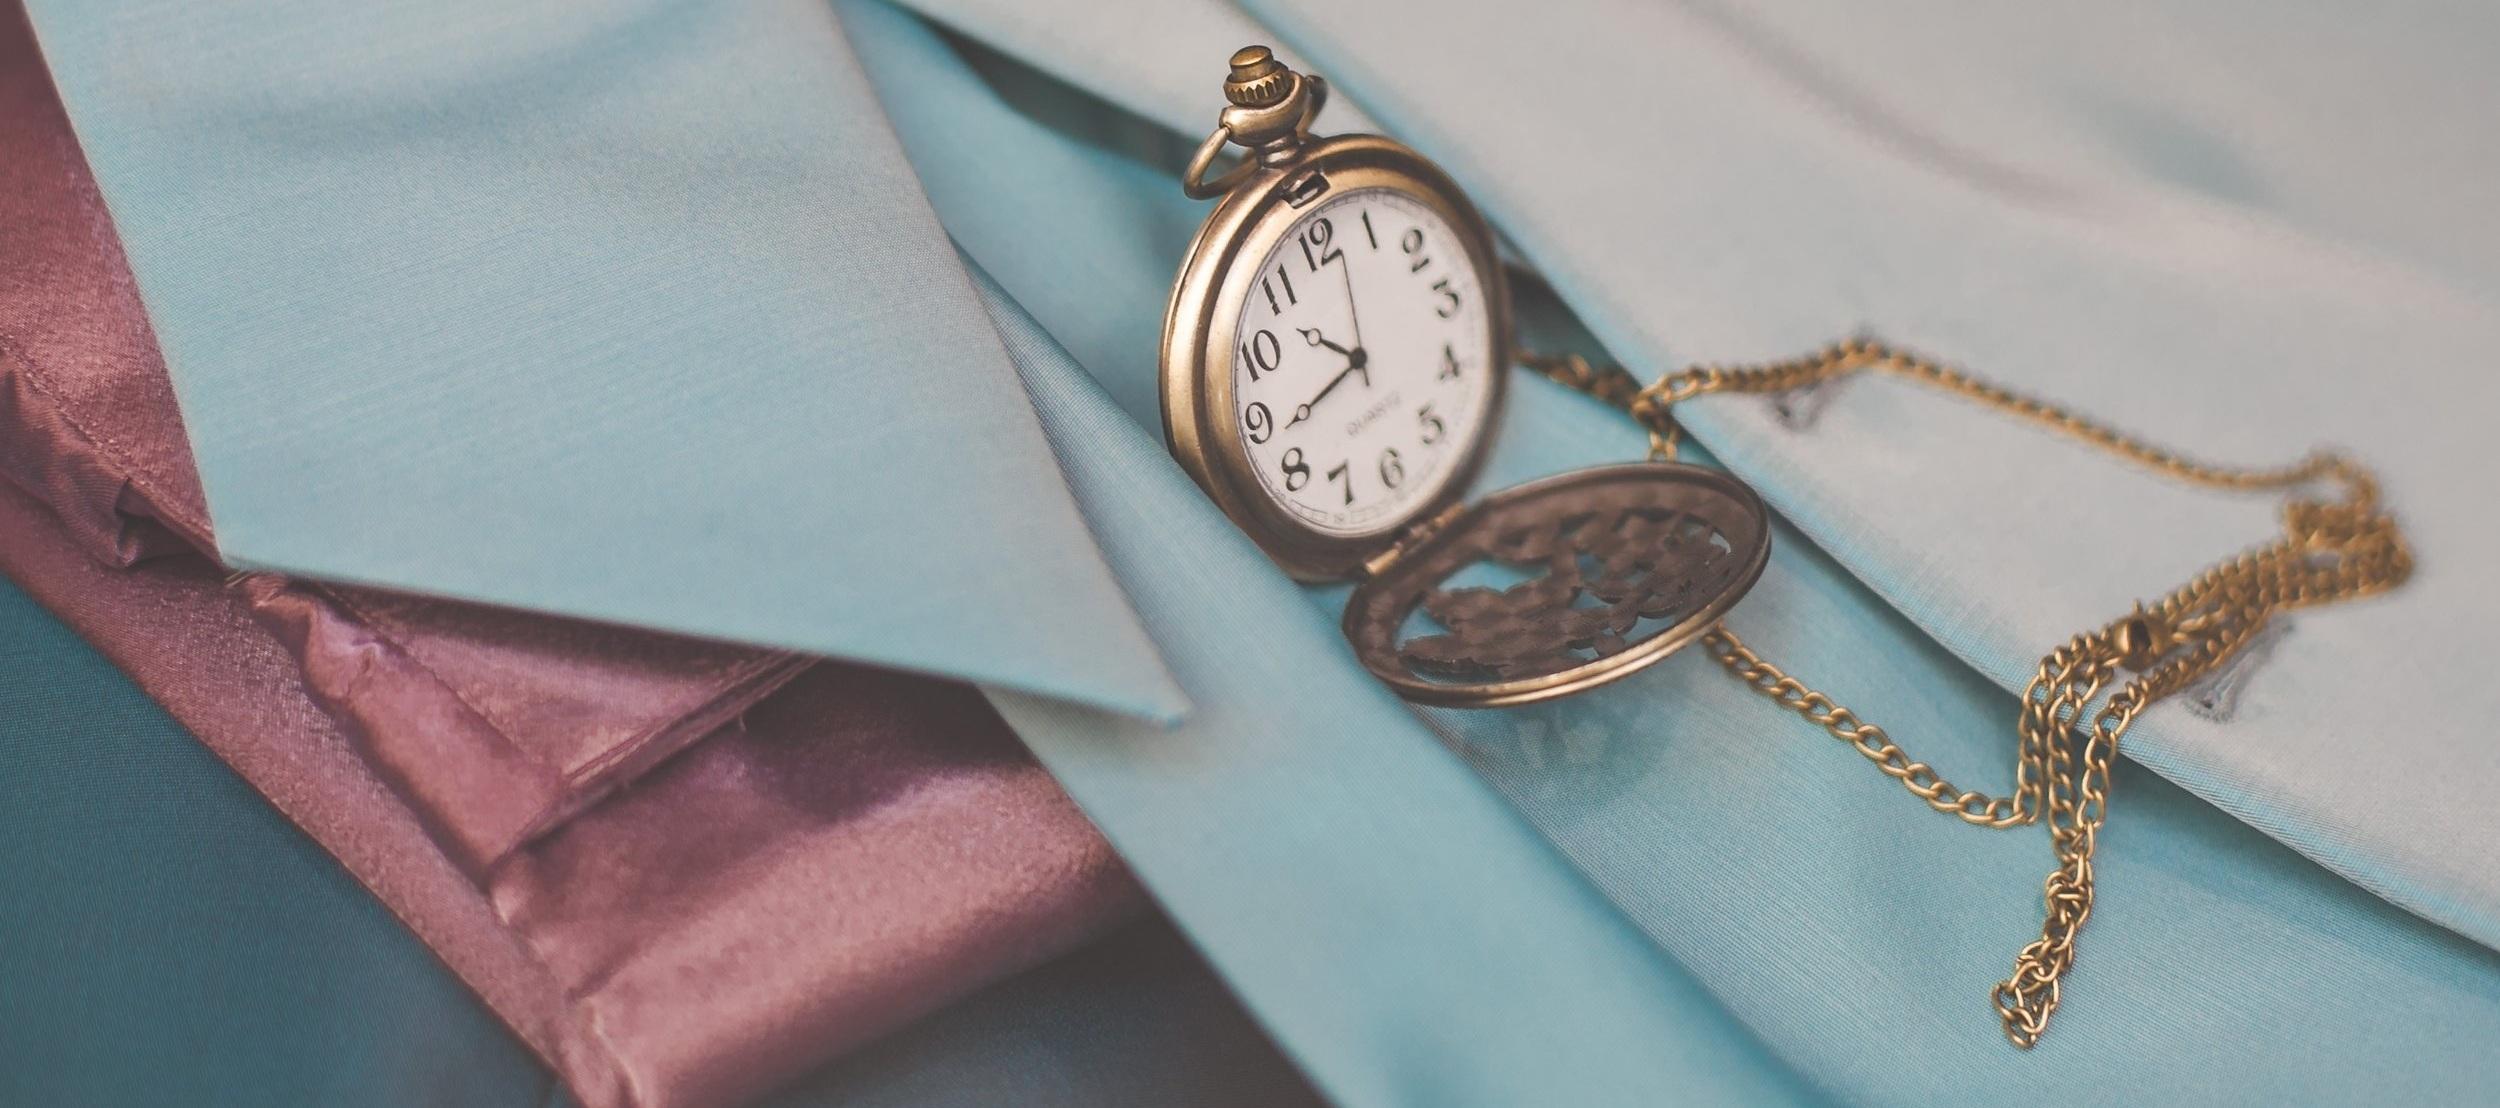 taskalexis-sell-it-vintage-jewelry.jpg